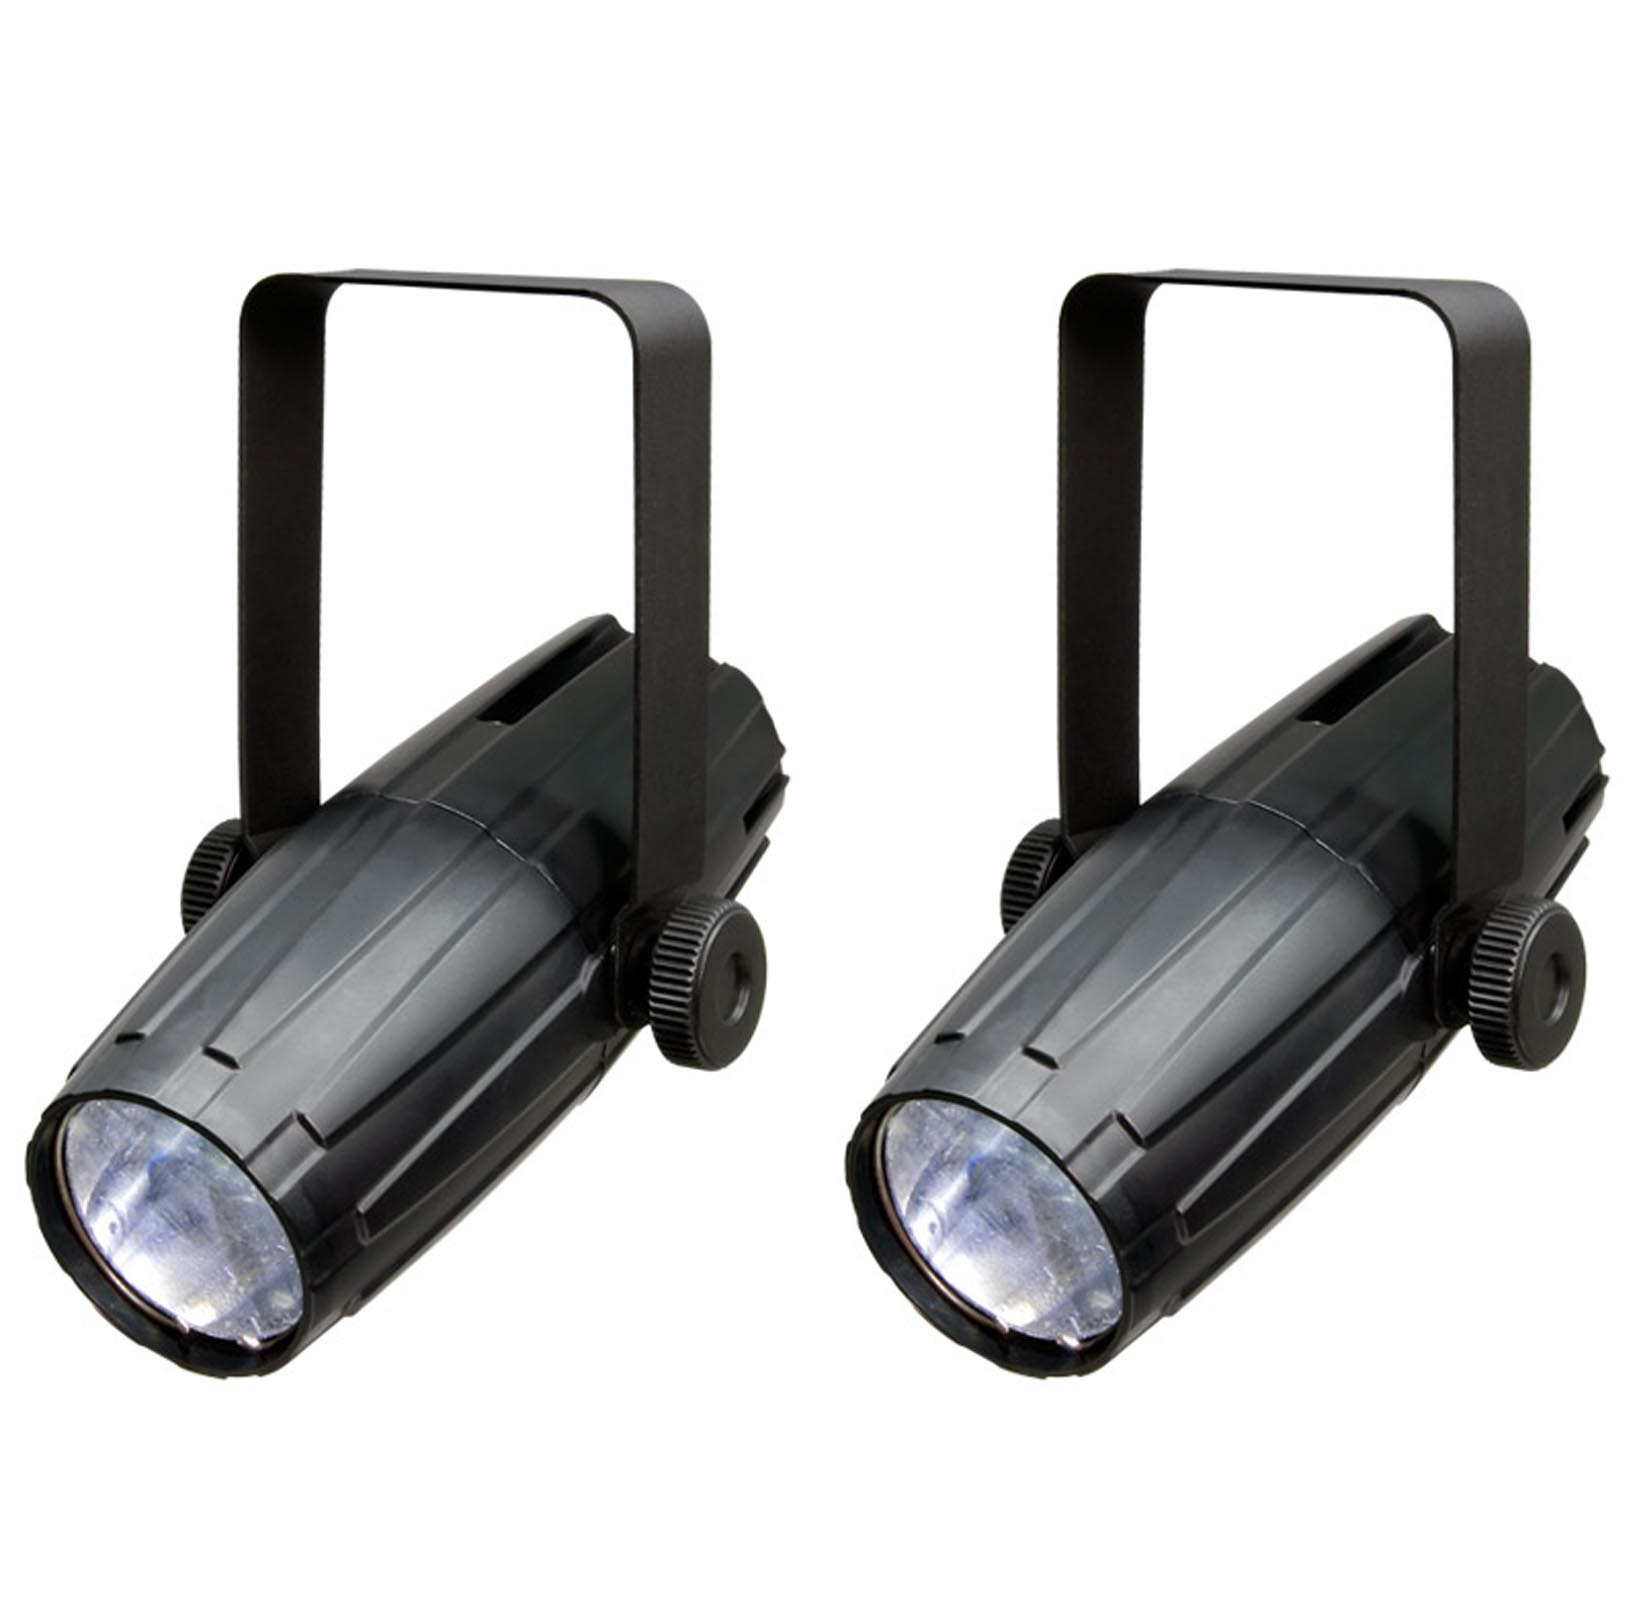 (2) New CHAUVET LED PINSPOT 2 High-Power 3W DJ Mirror Ball Spotlights w RGB Gels by Chauvet Dj